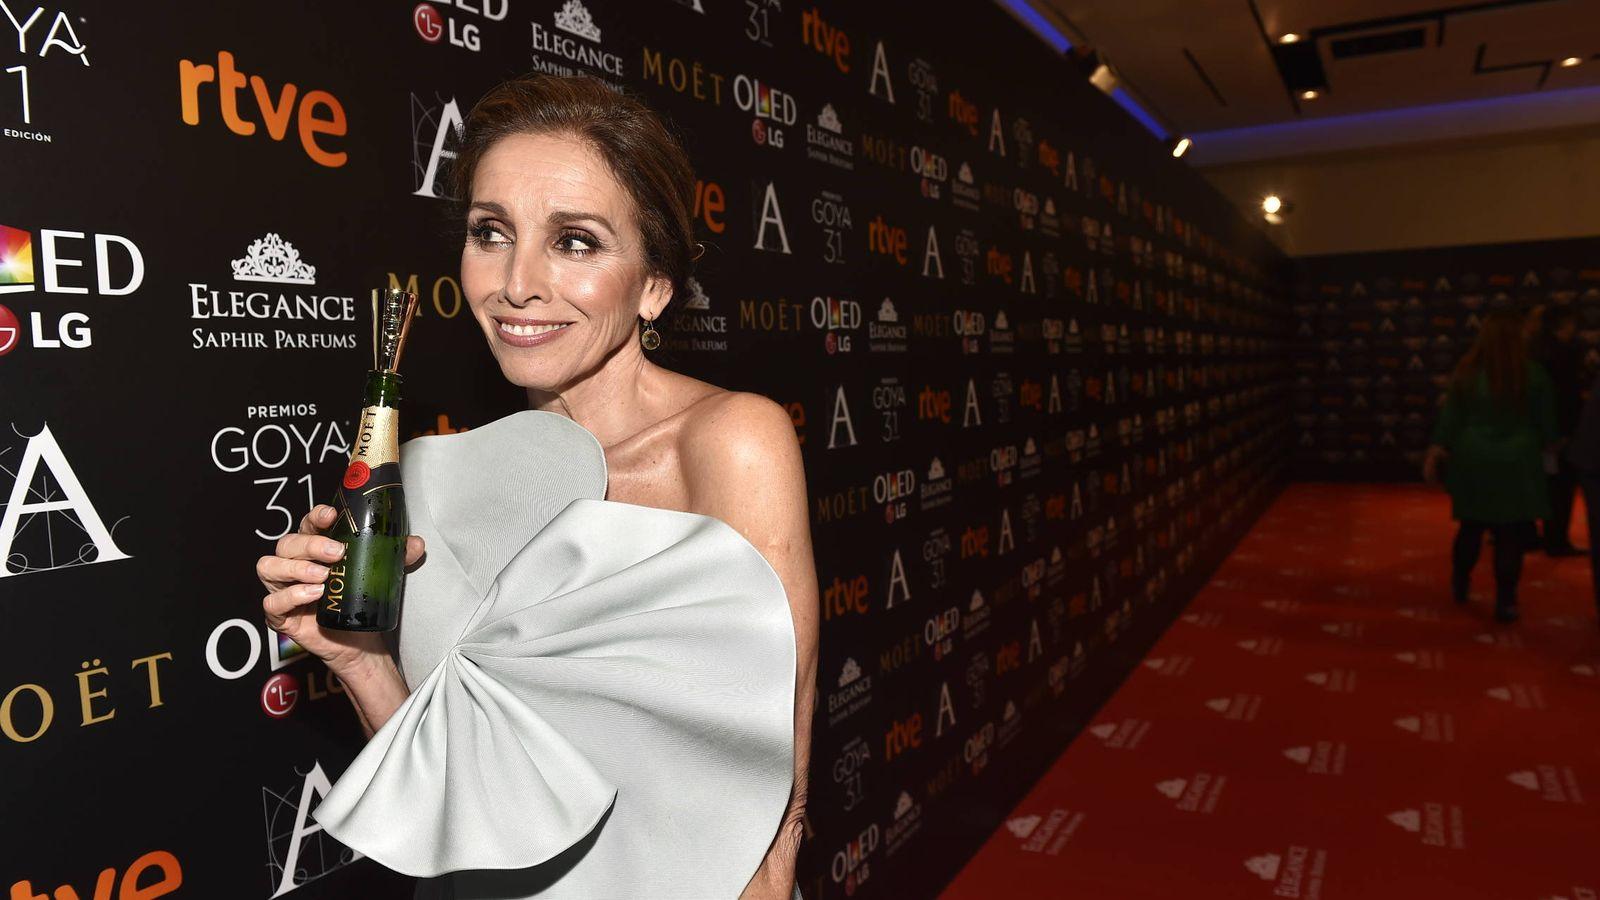 Foto: Ana Belén, protagonista de 'Código de familia' en TVE. (Gtres)